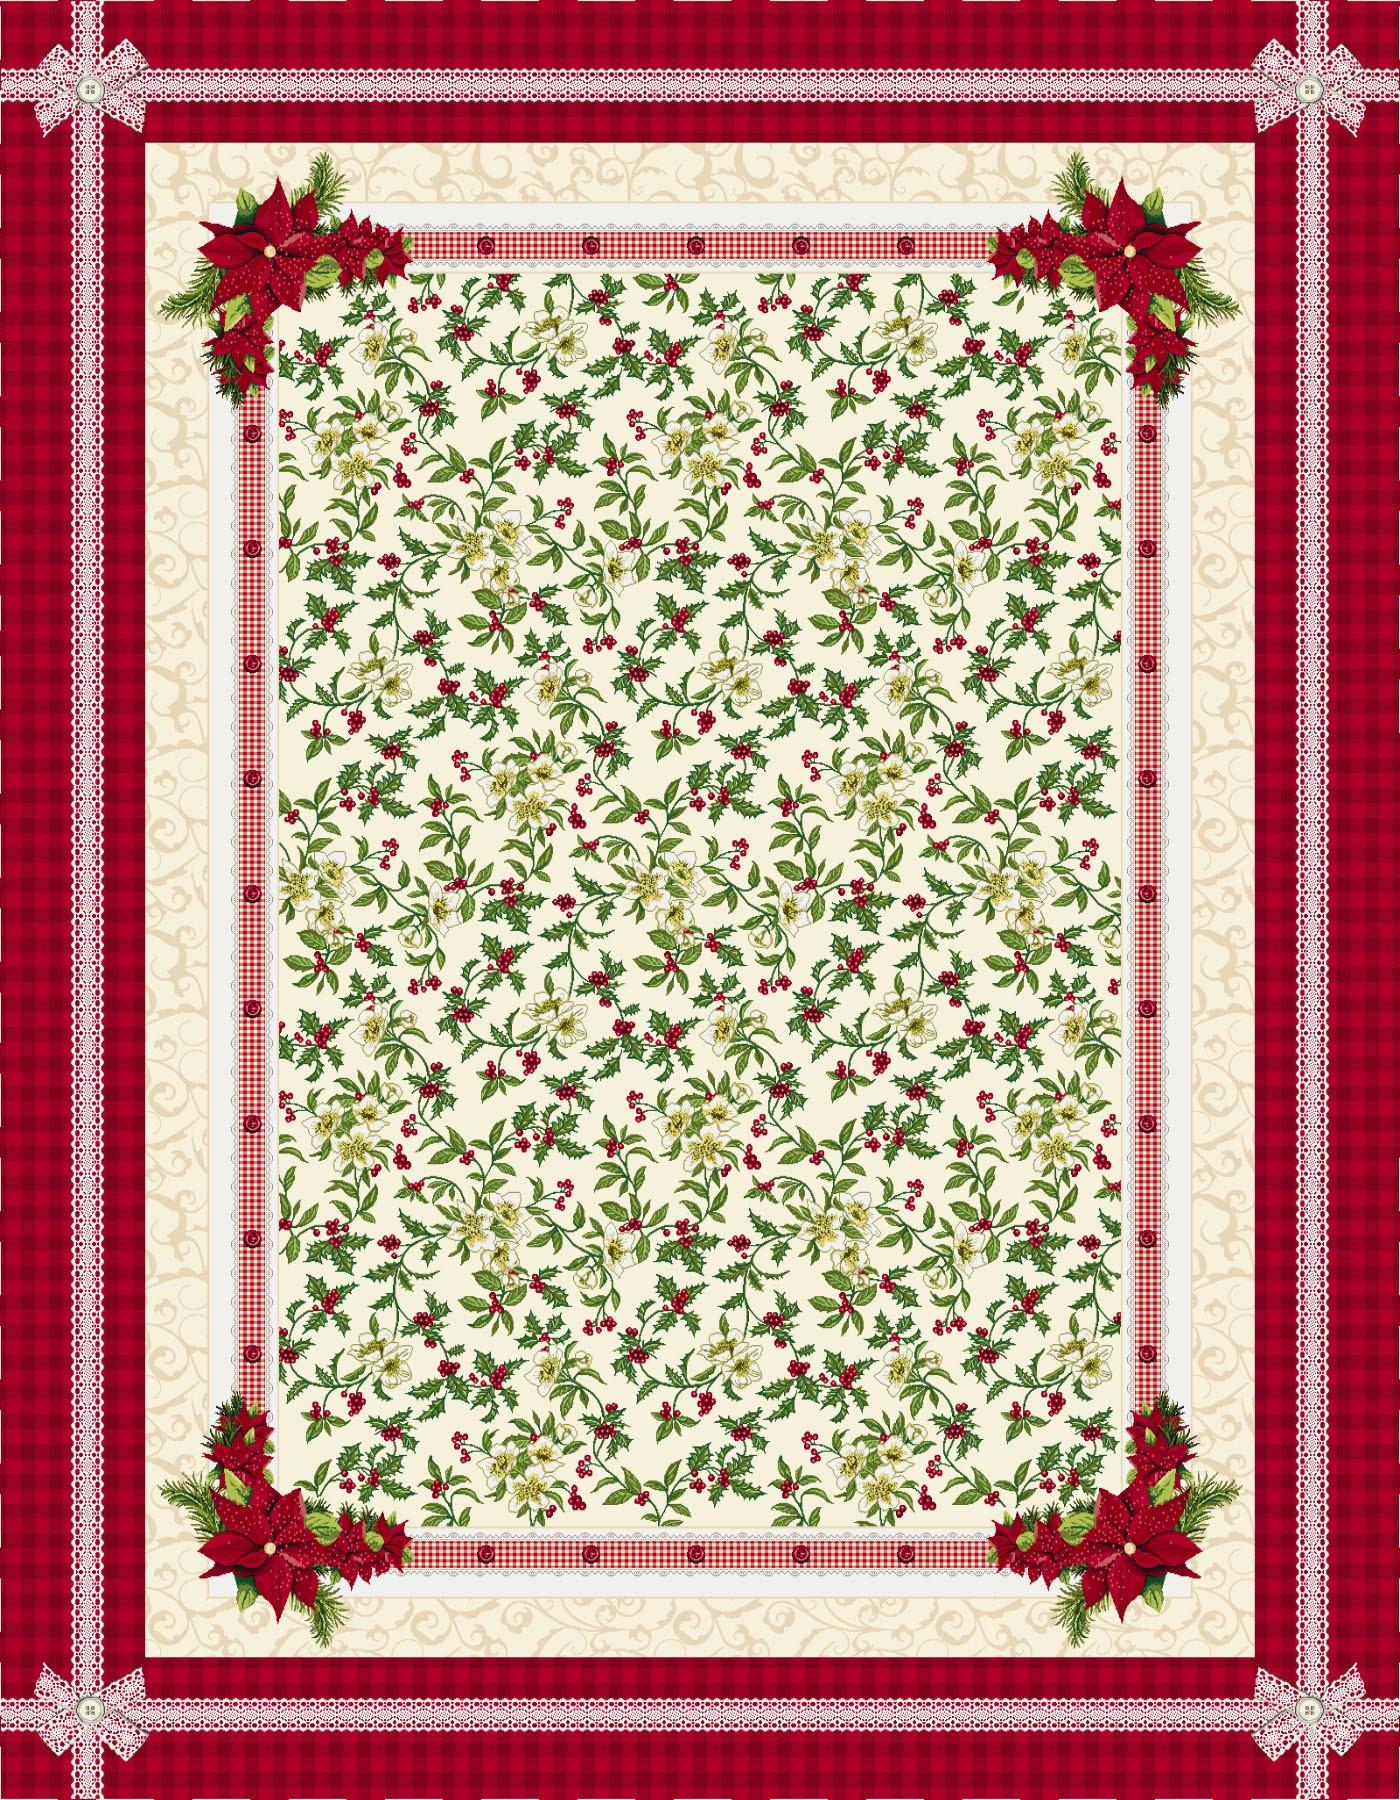 Χριστουγεννιάτικο Τραπεζομάντηλο 140x240 Cosmin Veneto